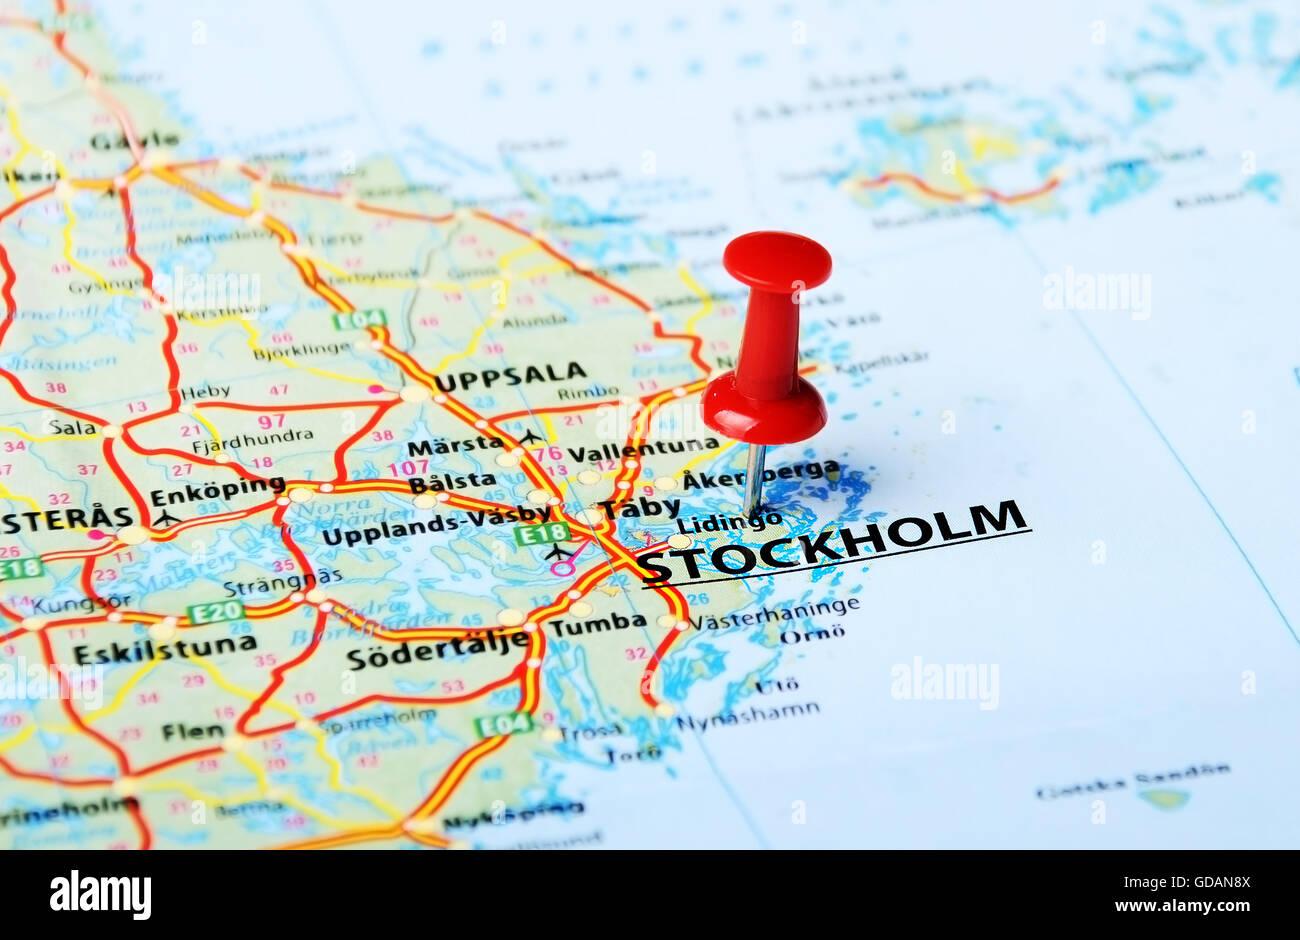 Mapa De Estocolmo Plano Y Callejero De Estocolmo 101viajes